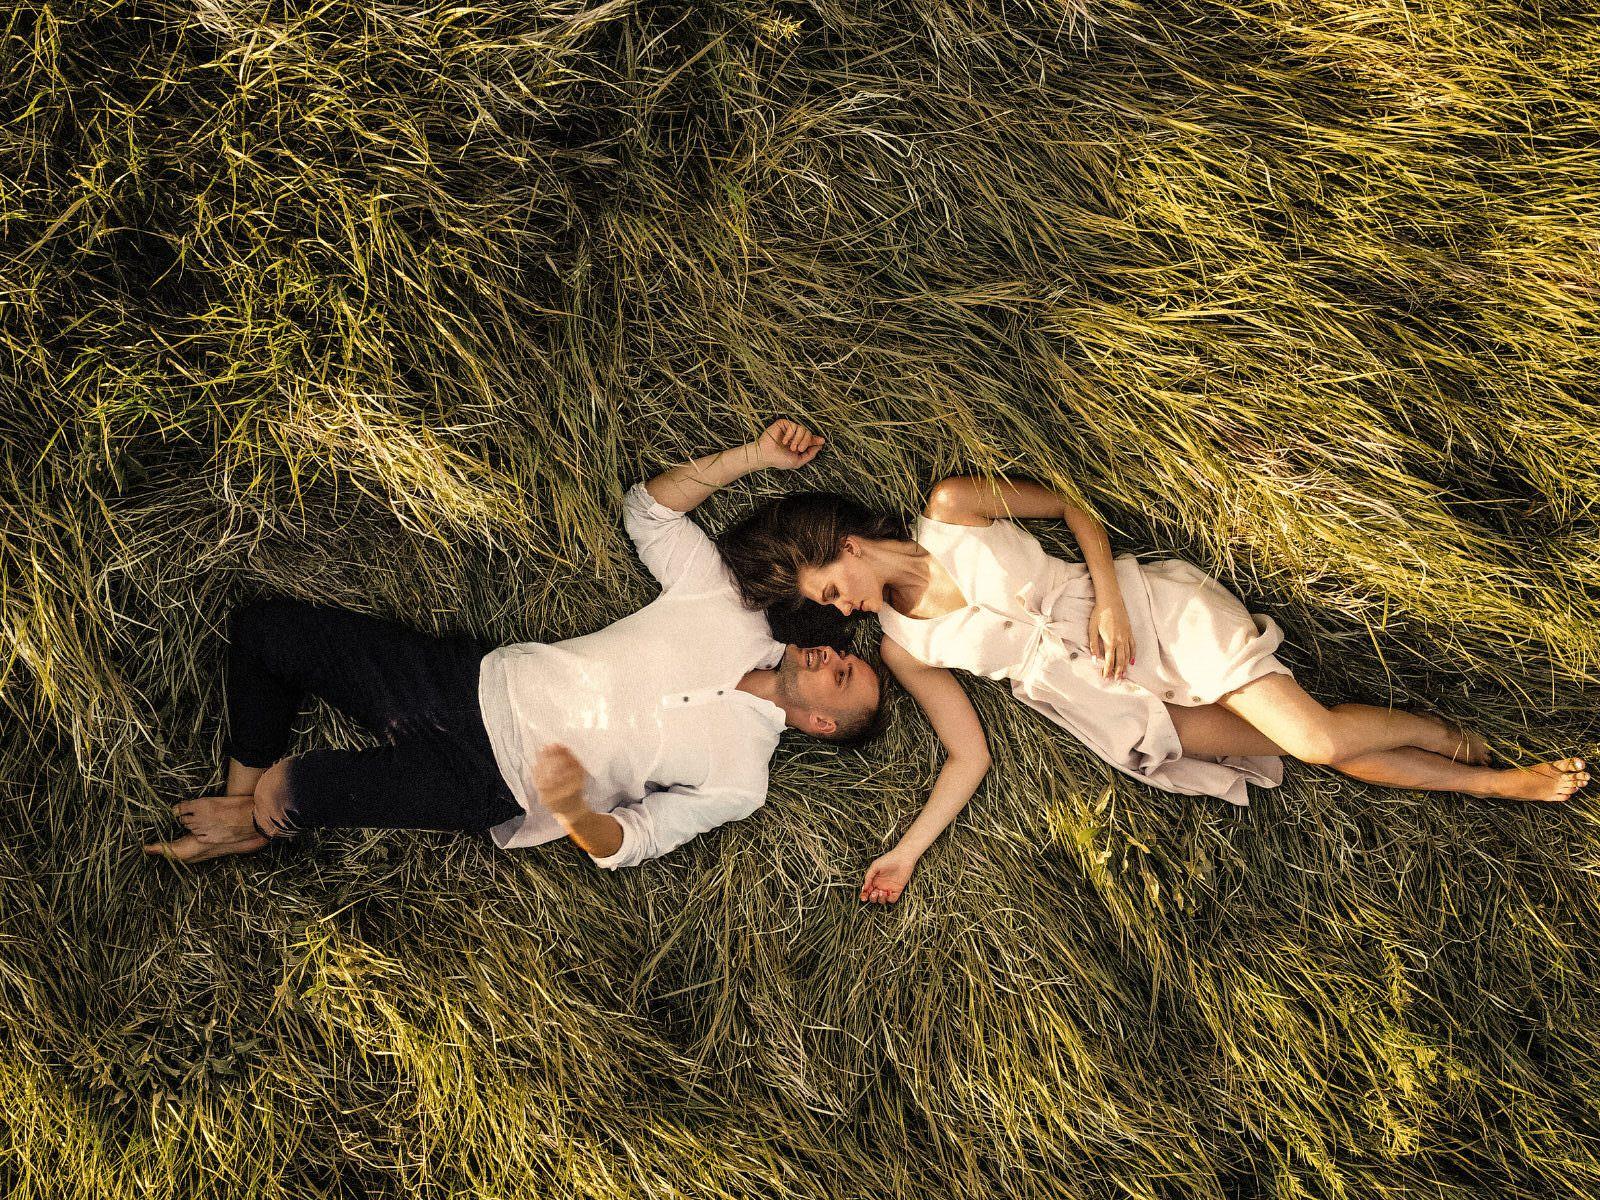 In the Fields by Natalya Brysaeva